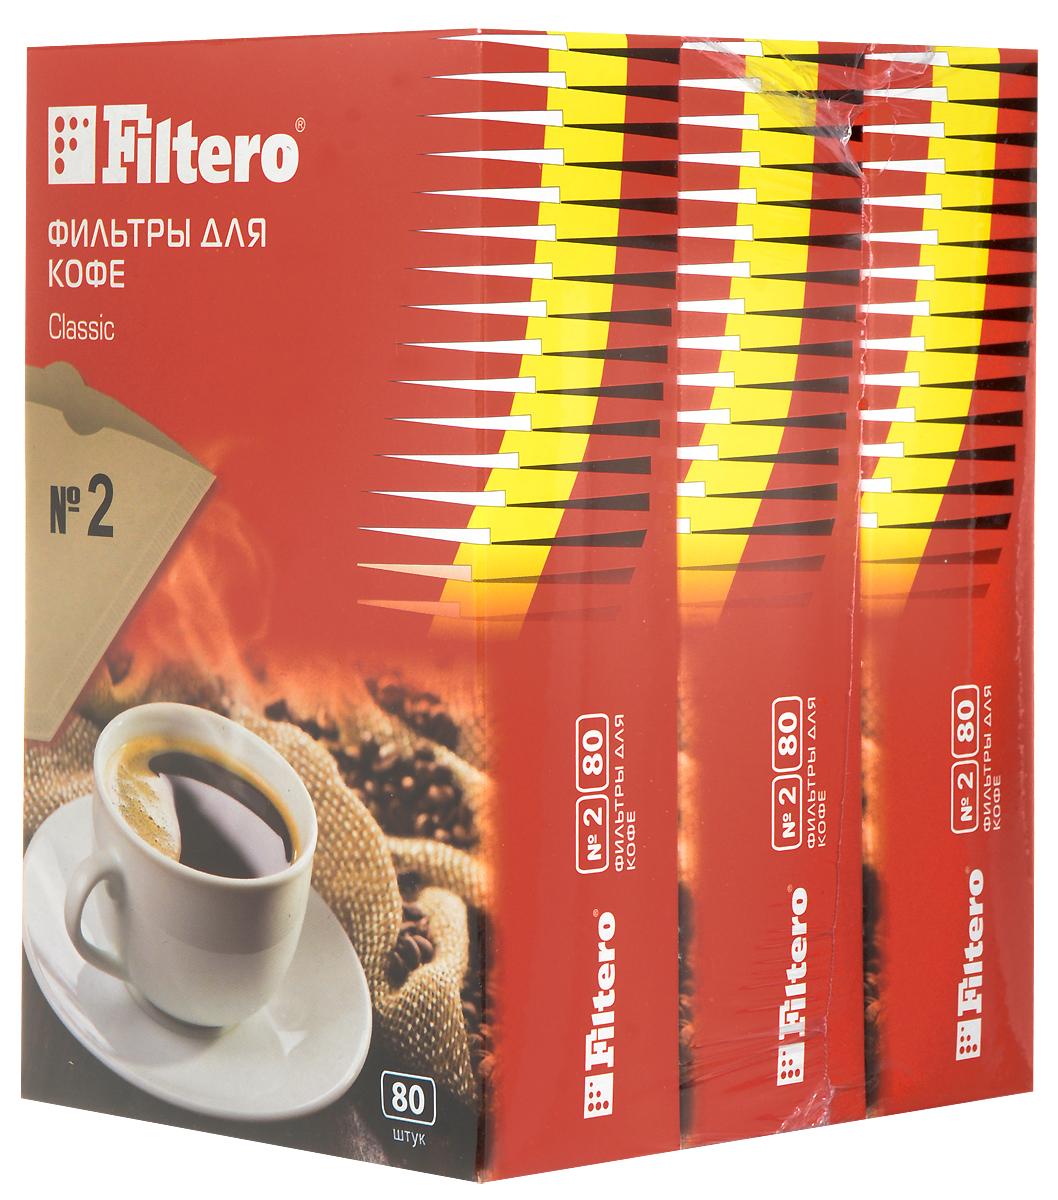 Filtero Classic №2 комплект фильтров для кофеварок, 240 шт2/240Бумажные одноразовые фильтры Filtero Classic №2 предназначены для кофеварок капельного типа на 6-8 чашек и для чашки-кофеварки Filtero. Превосходно сохраняют аромат и оригинальный вкус кофе.